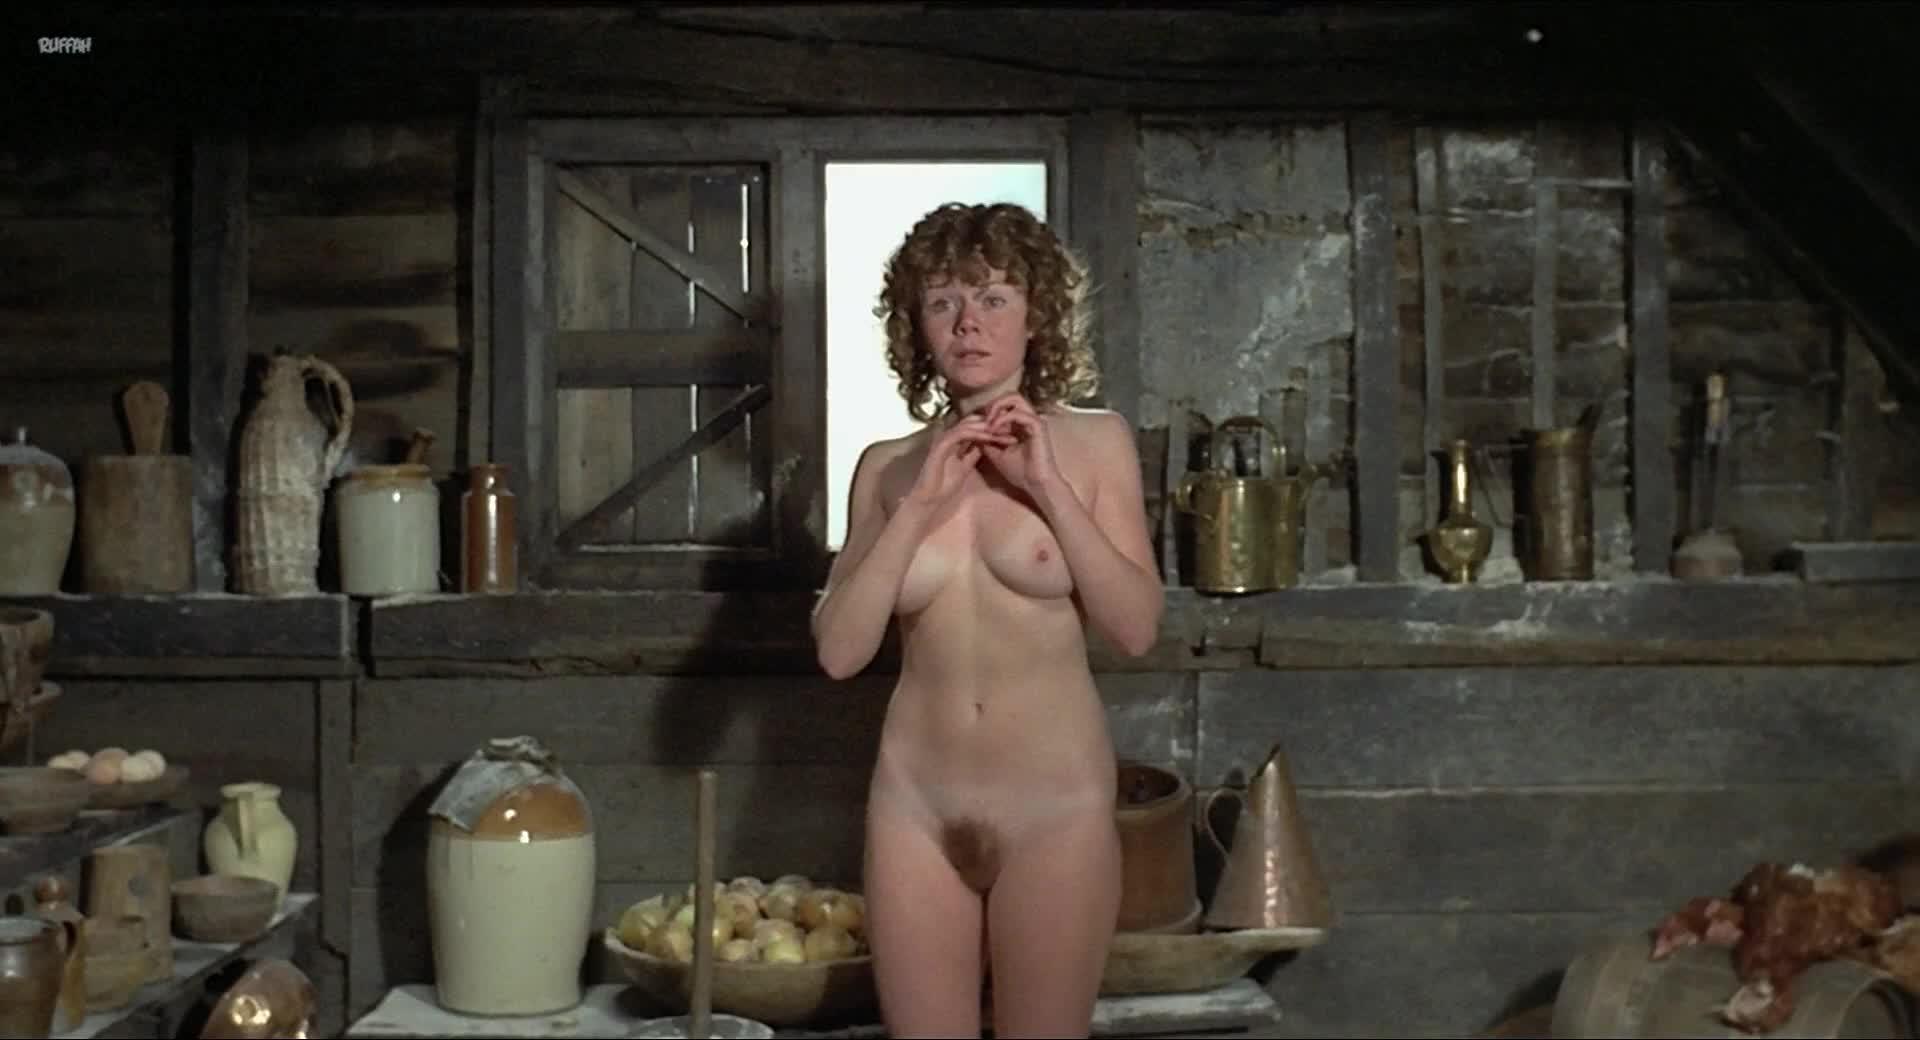 Смотреть эротику о средневековье, Порно : Винтаж средневековье : Продолжительные 18 фотография